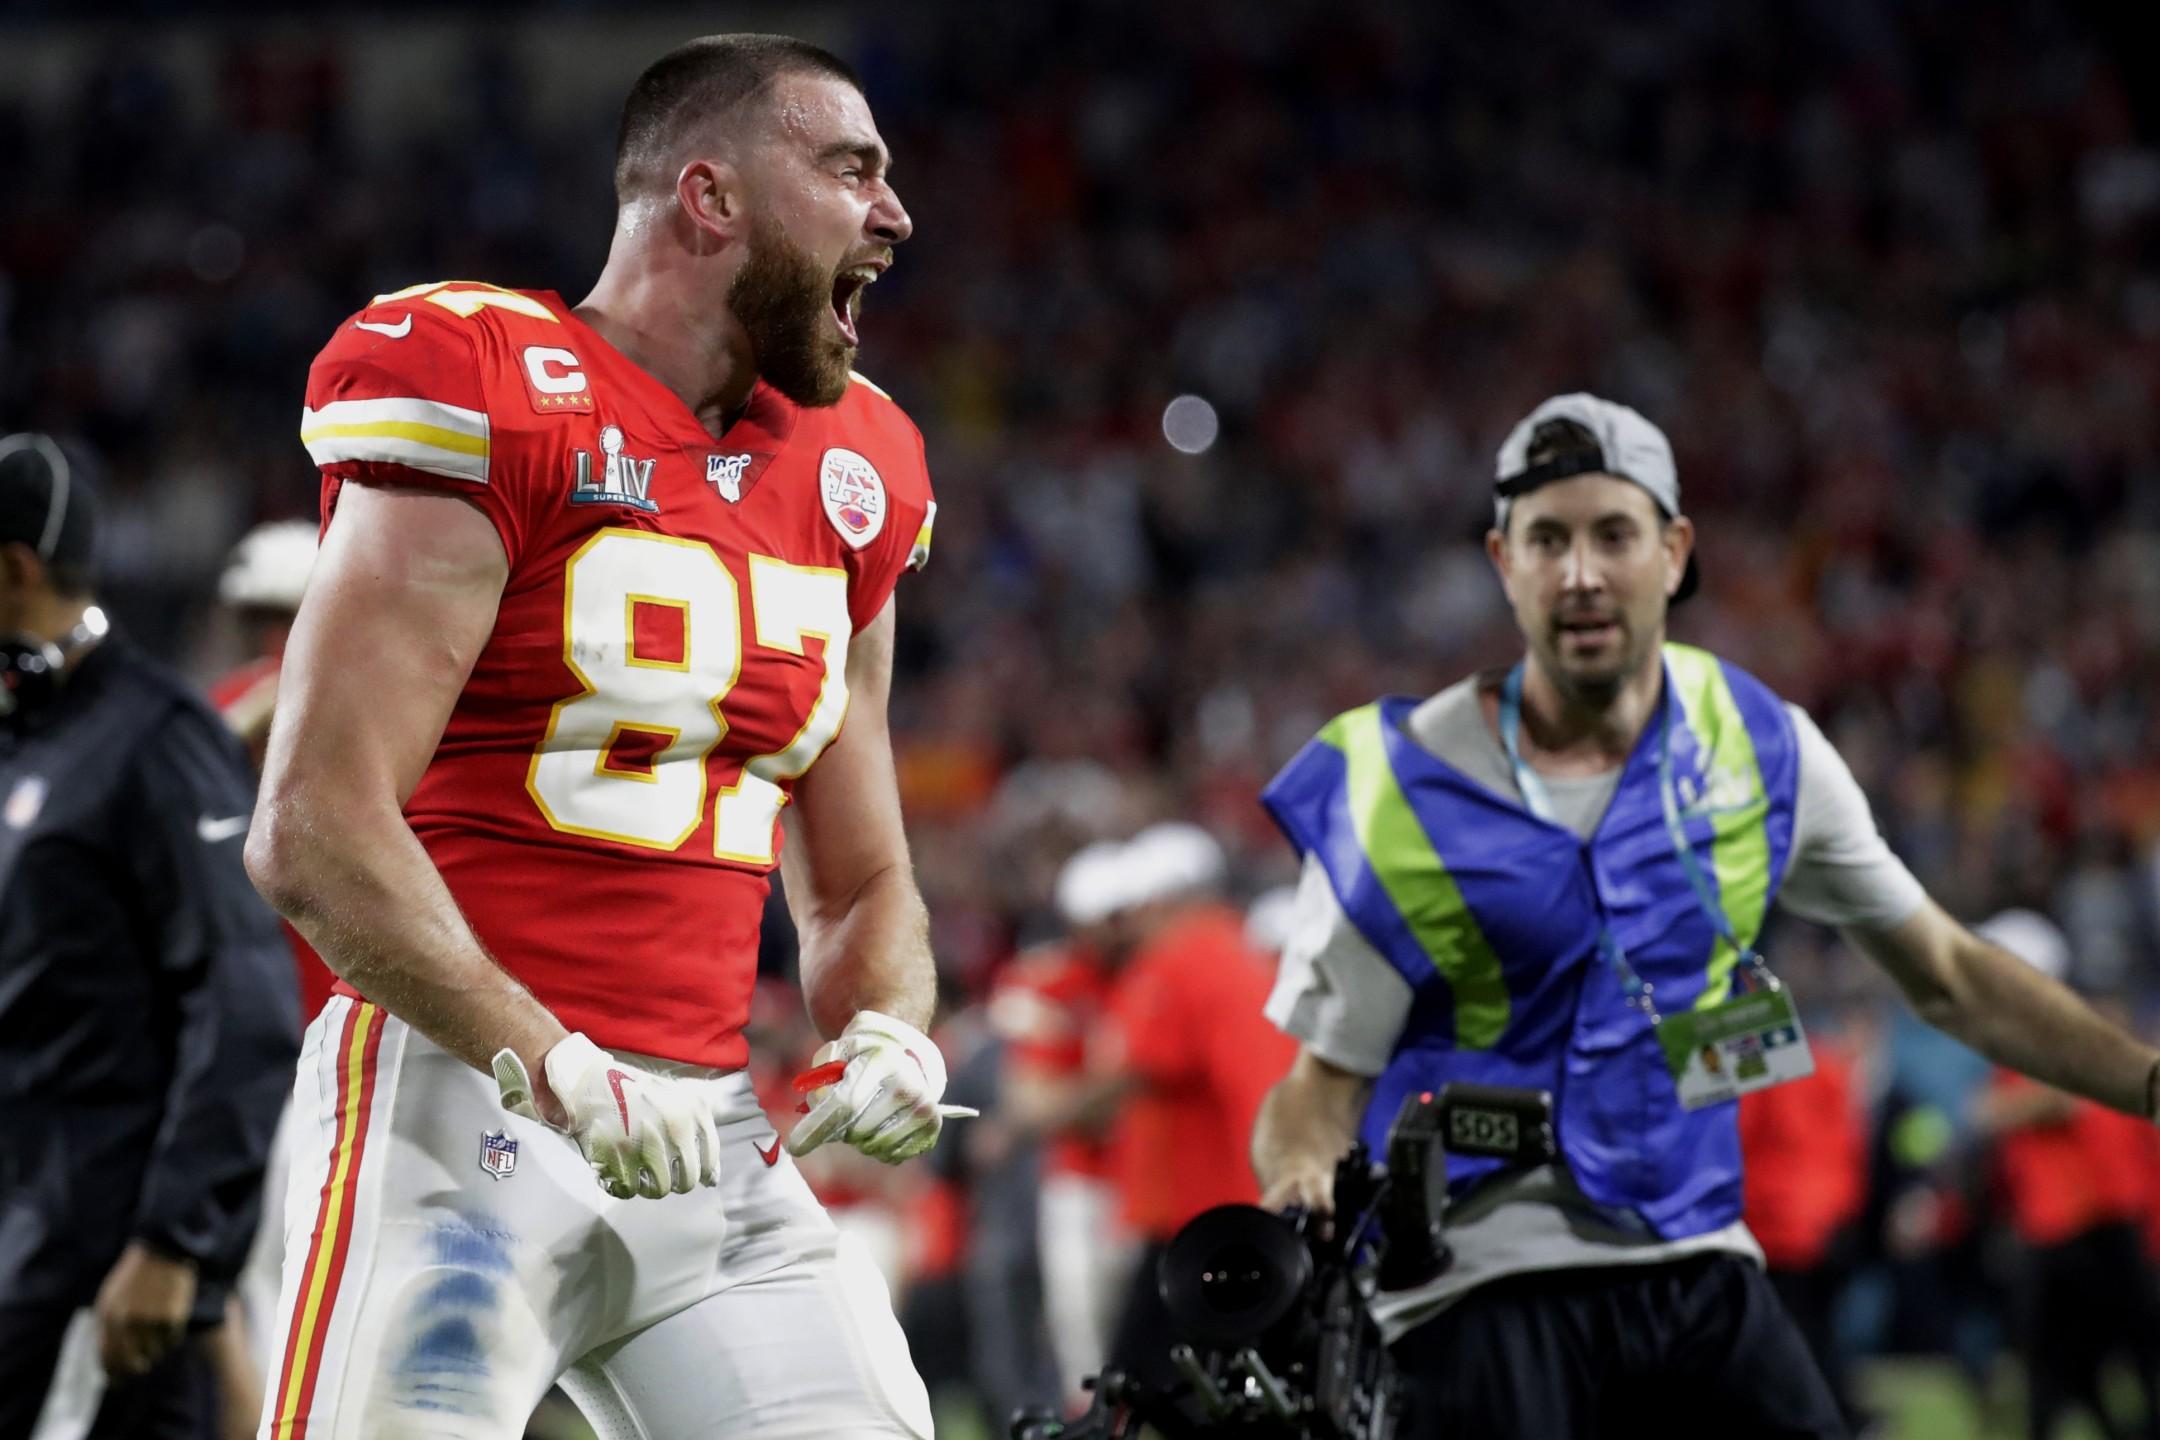 IMAGES Chiefs celebrate Super Bowl Championship 2160x1440